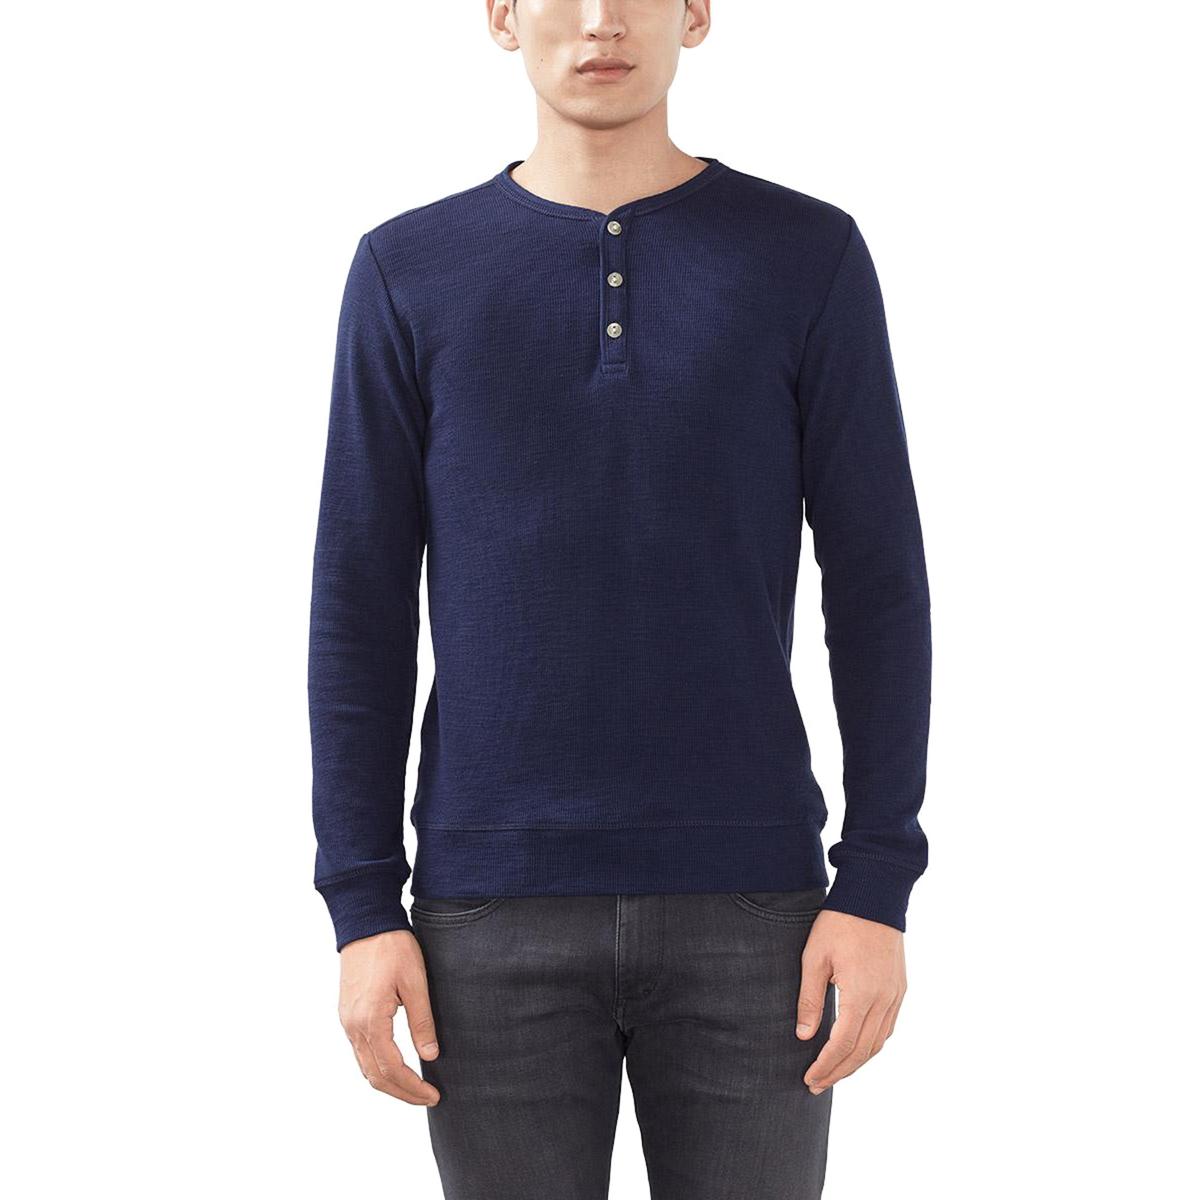 ESPRIT Пуловер с тунисским воротником из 100% хлопка